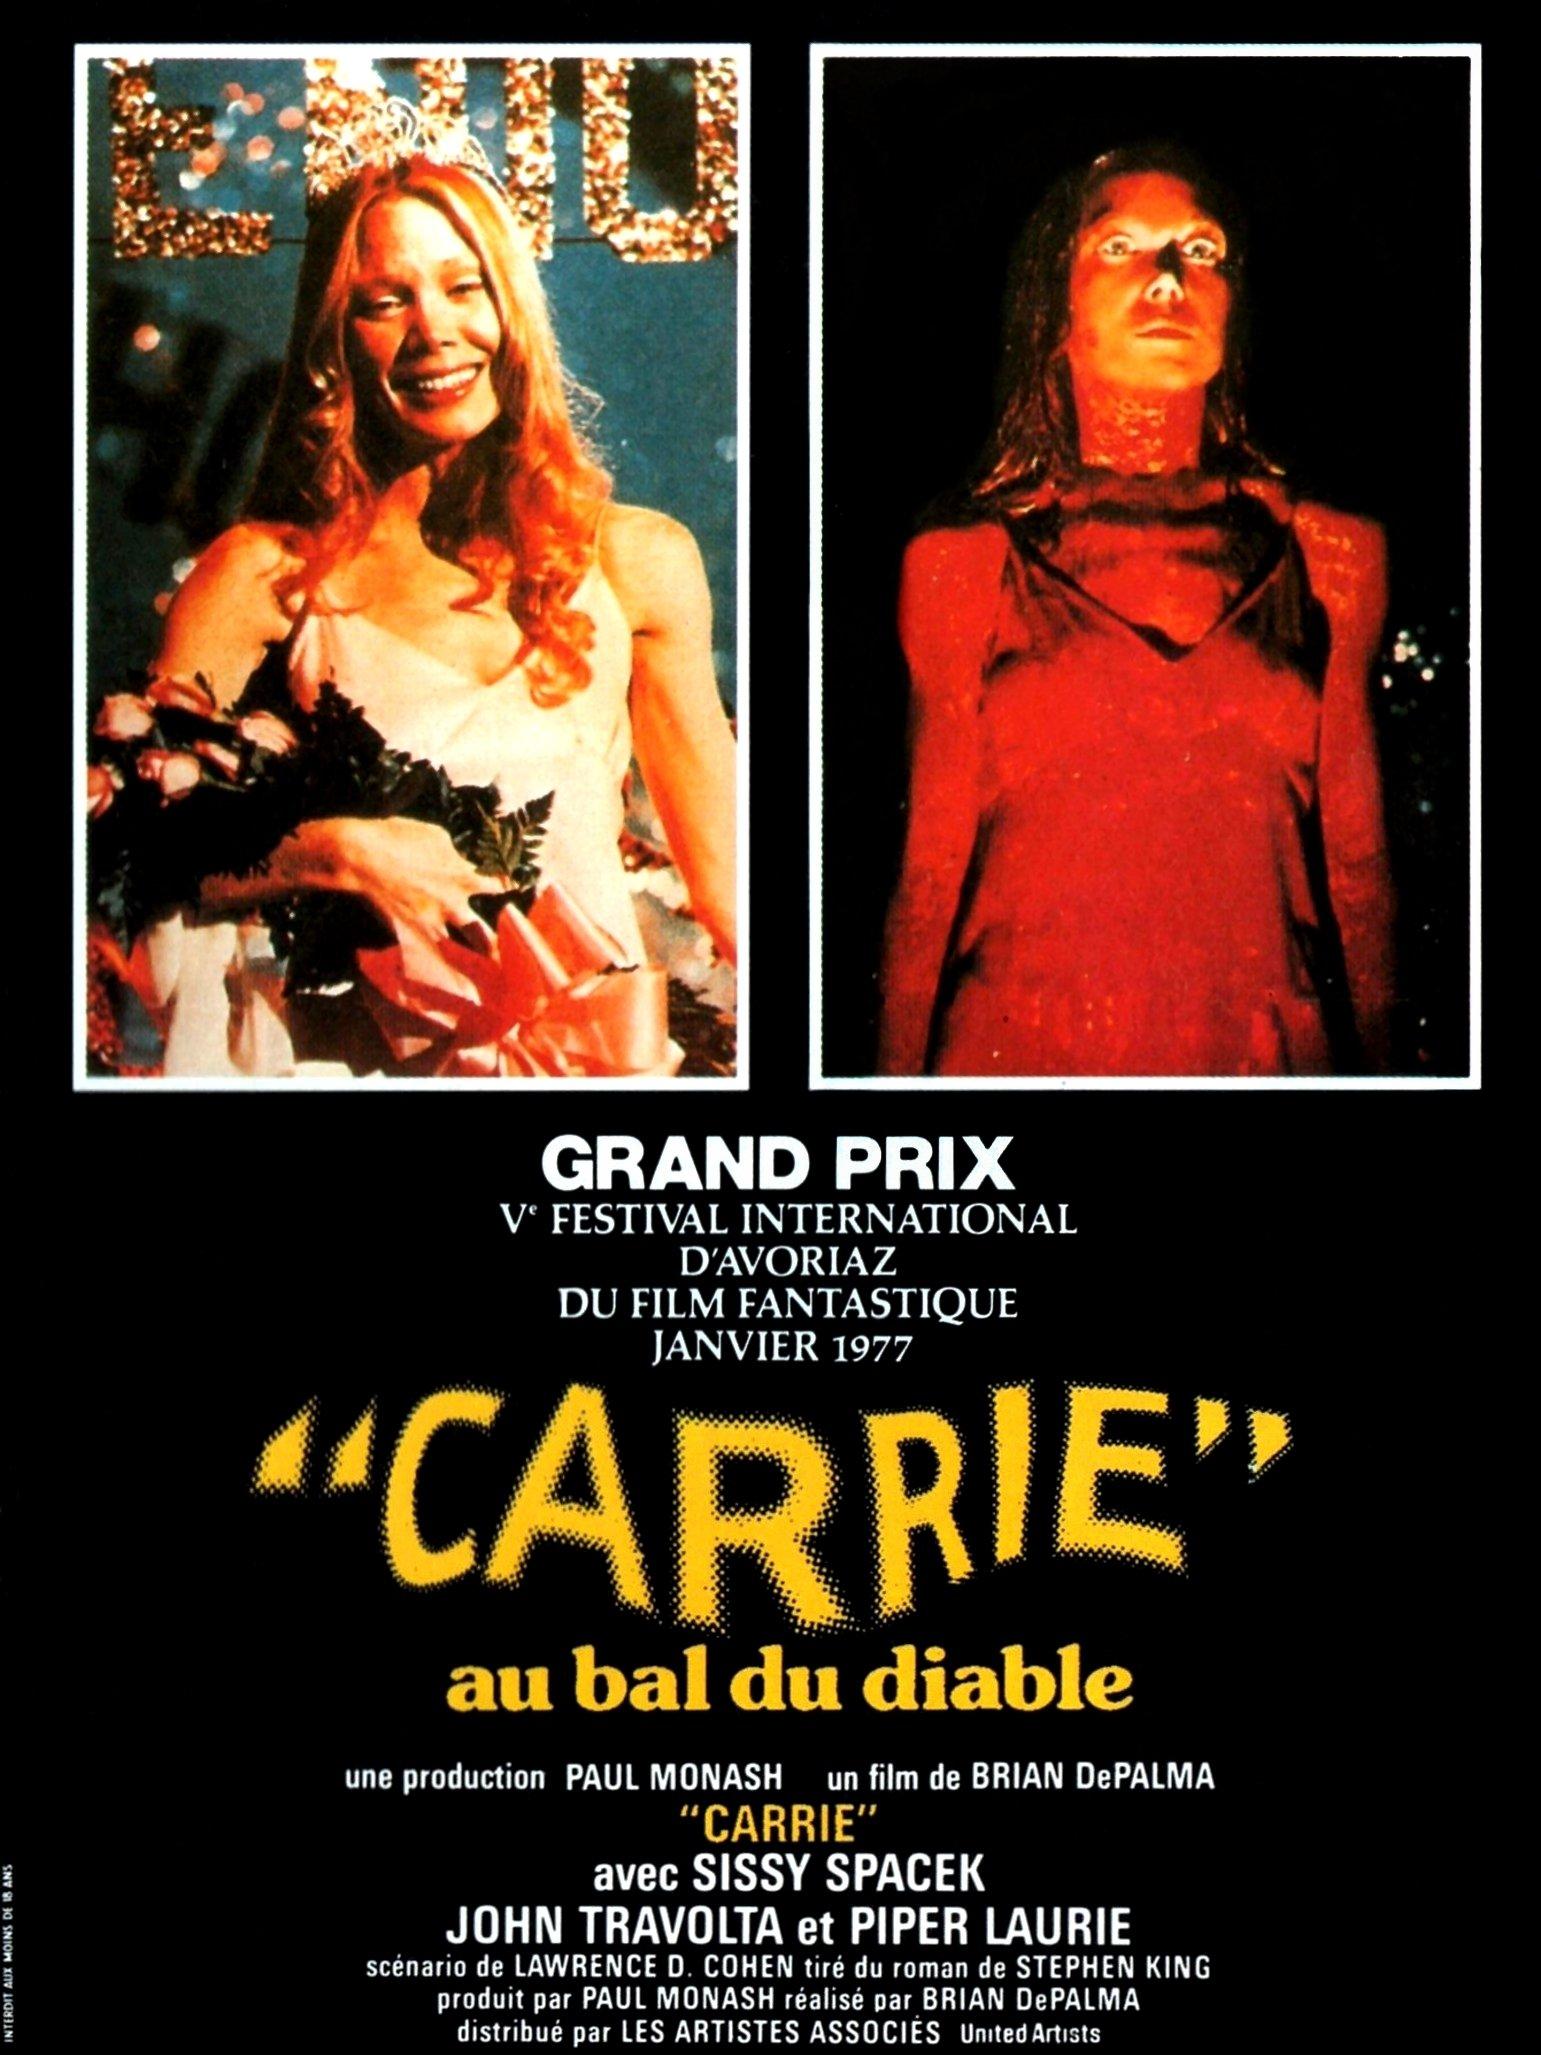 Carrie au bal du diable (1976) de Brian De Palma